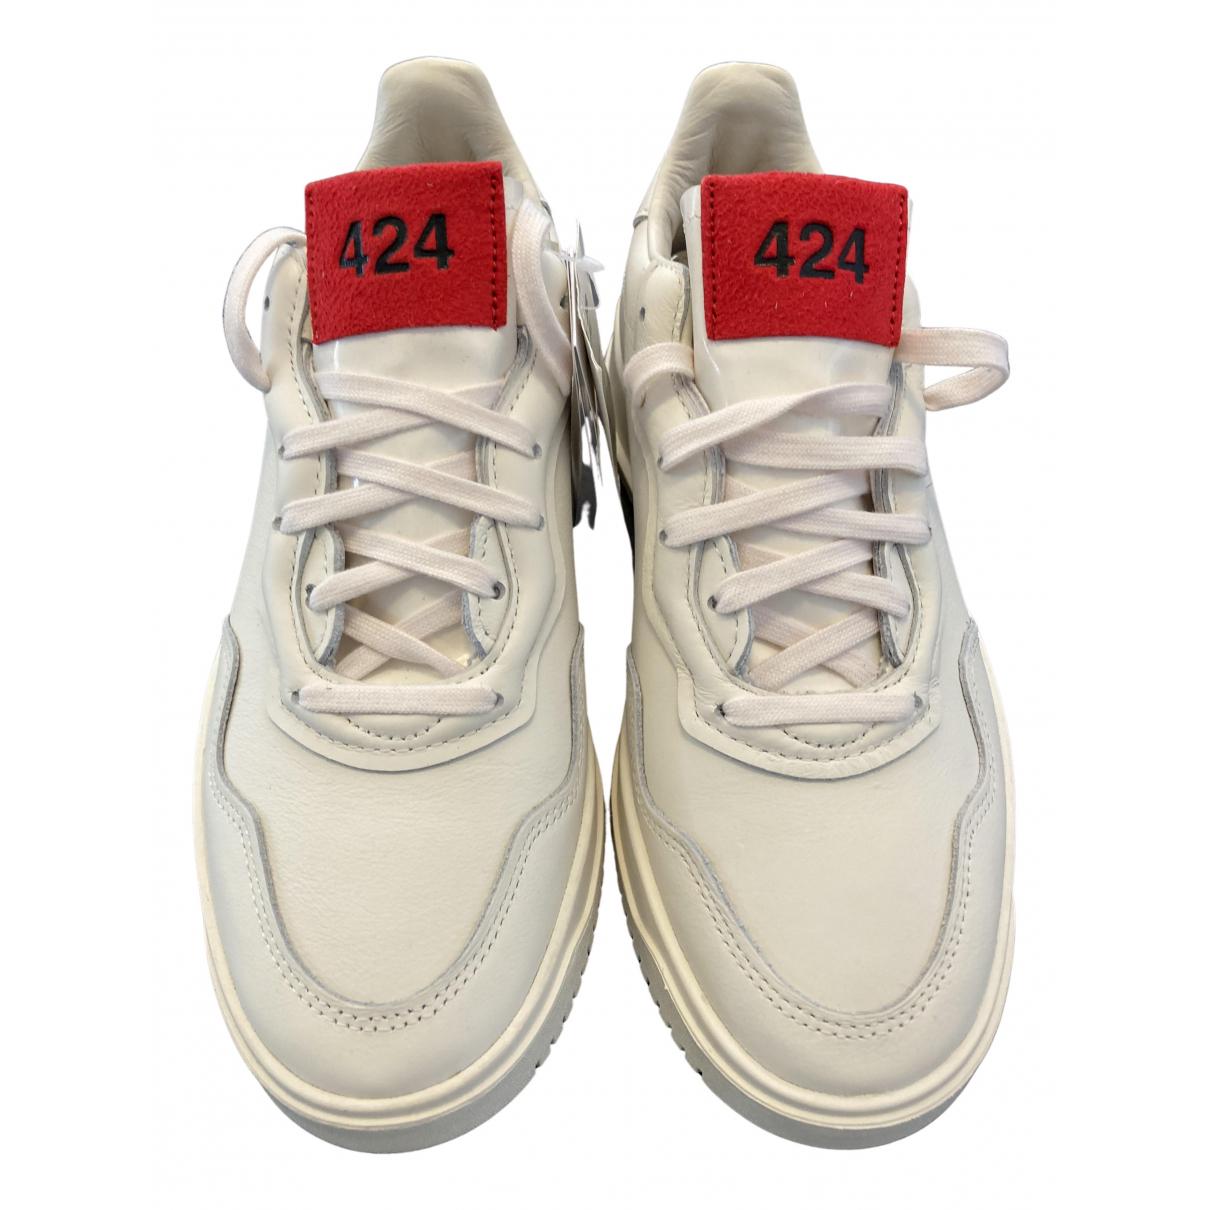 Adidas - Baskets   pour homme en cuir - ecru